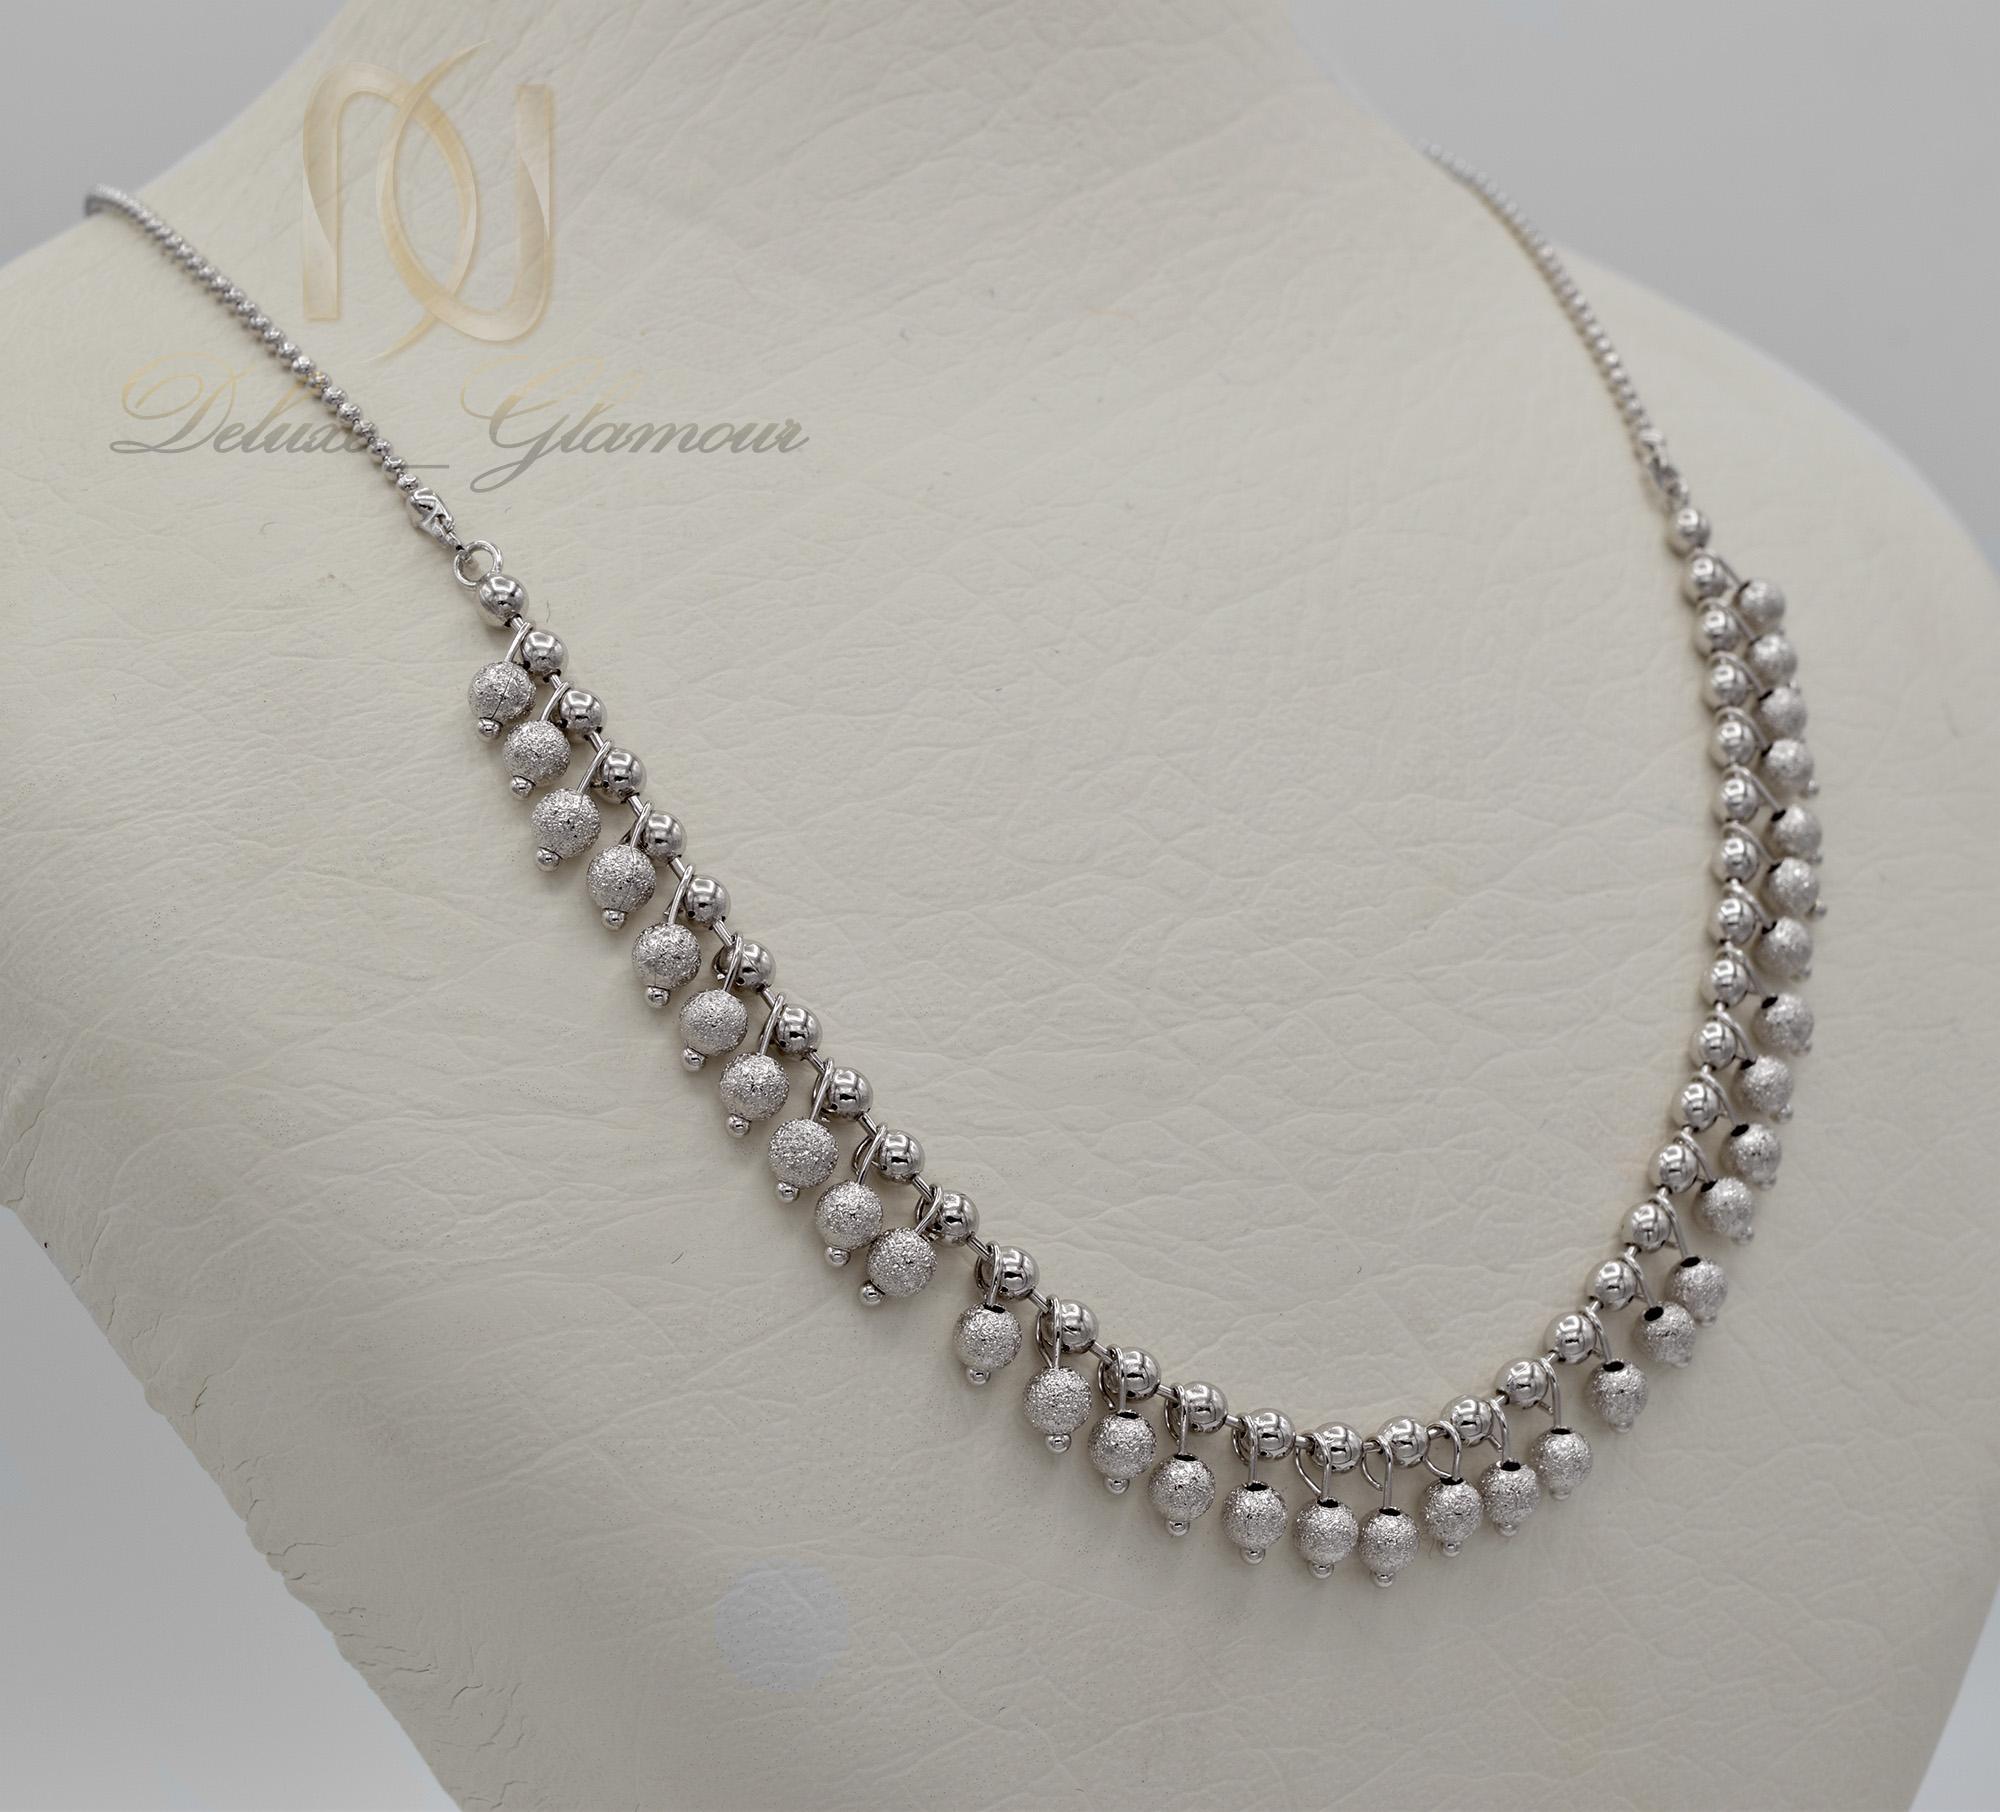 گردنبند سینه ریز زنانه آویزدار ژوپینگ nw-n434 از نمای روبرو